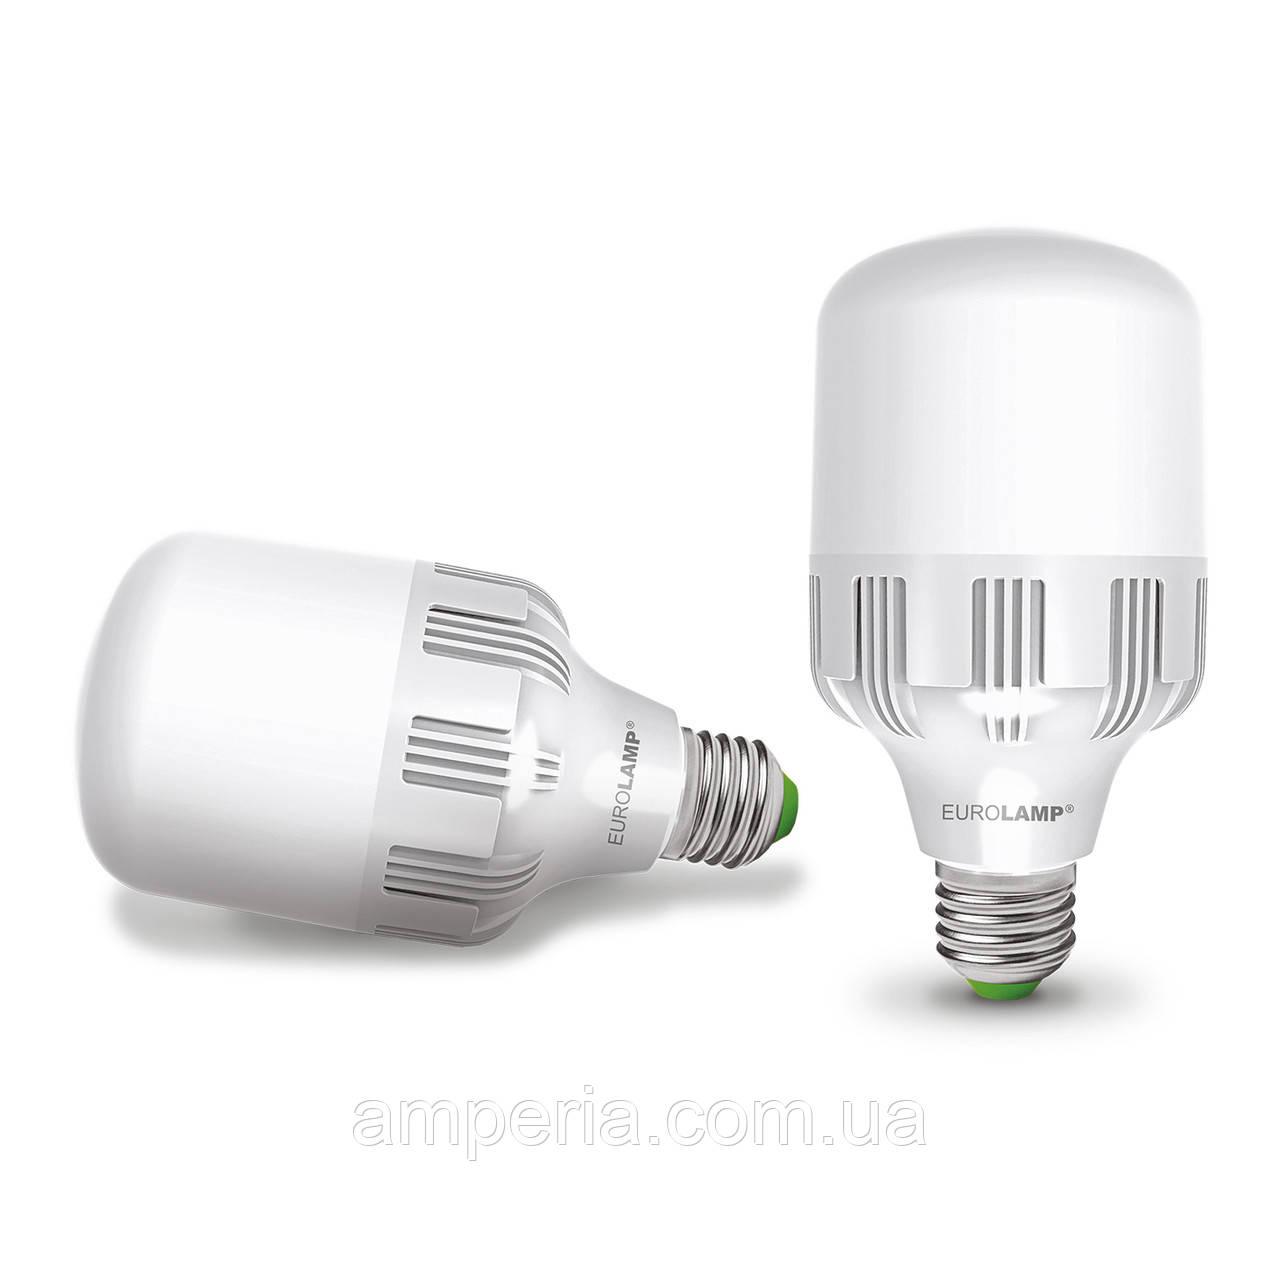 EUROLAMP LED Лампа высокомощная 40W E40 6500K (LED-HP-40406)